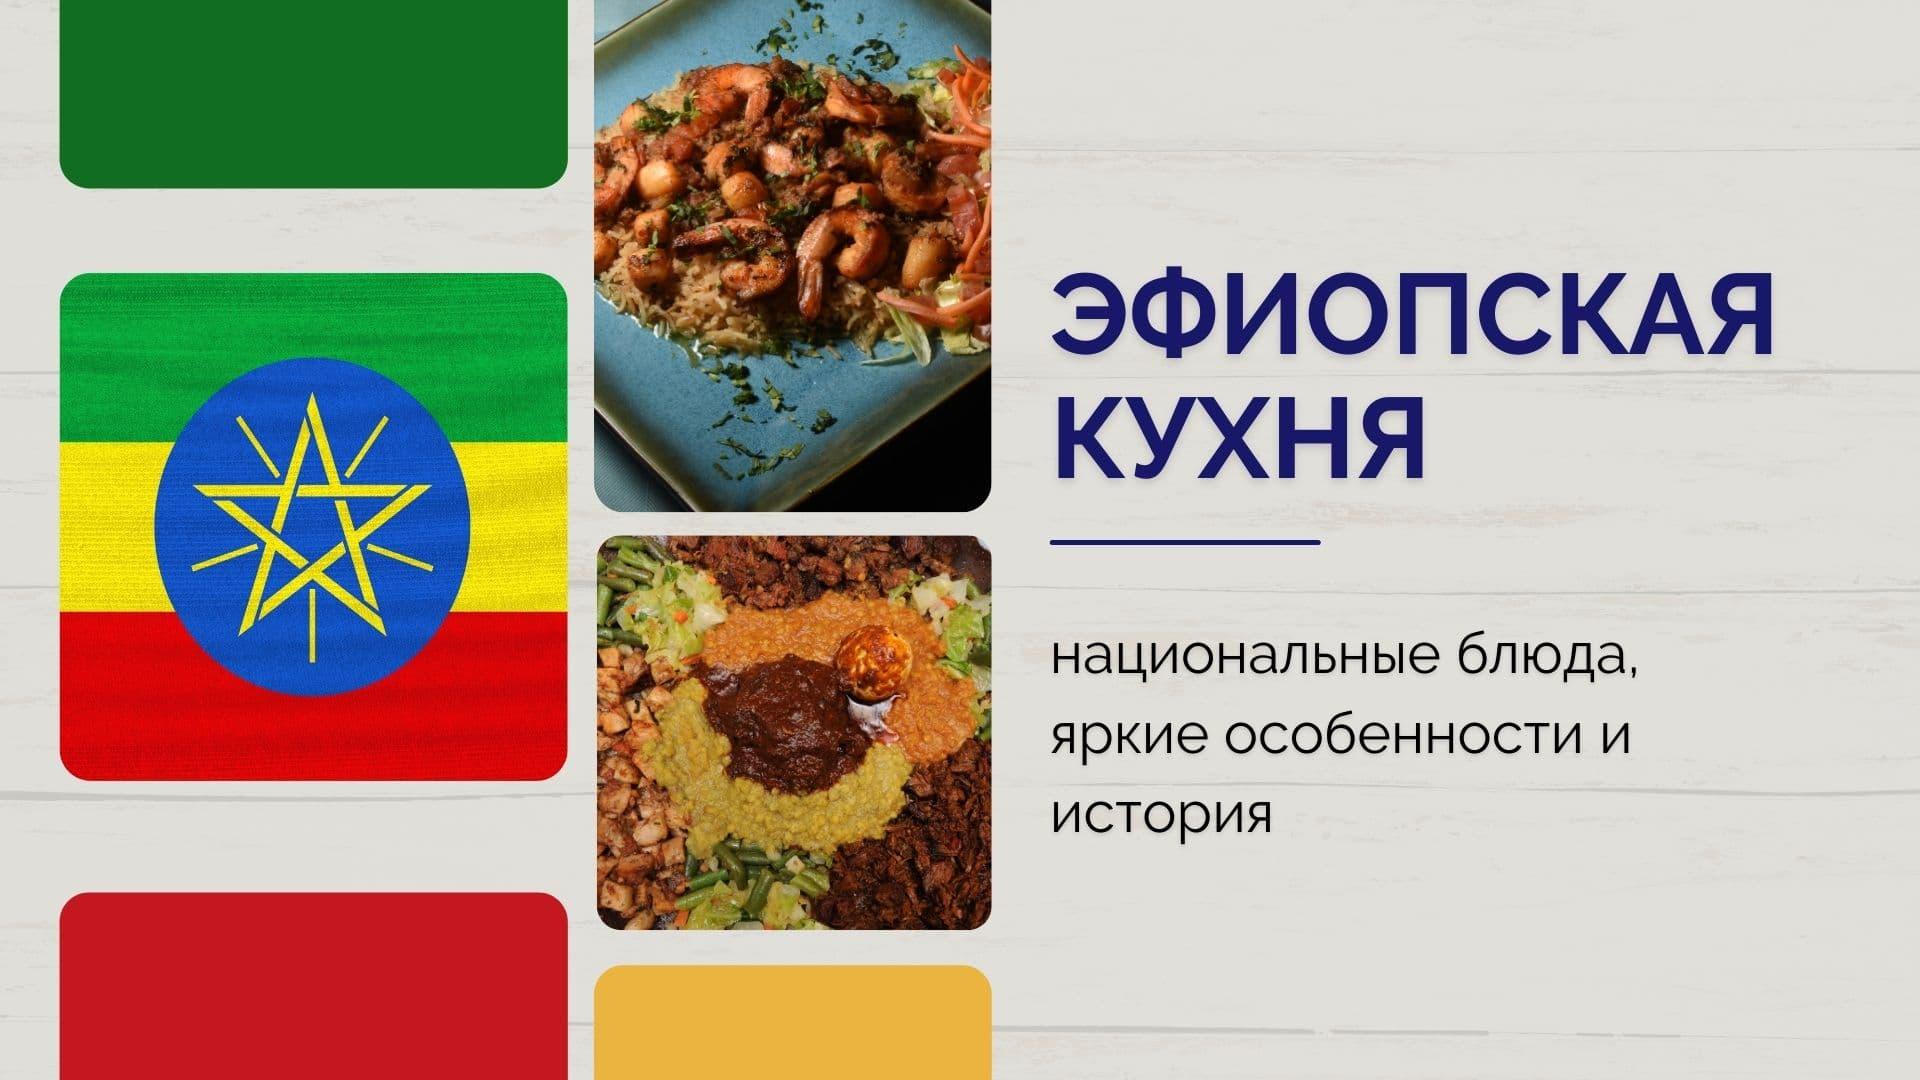 Эфиопская кухня: национальные блюда, яркие особенности и история